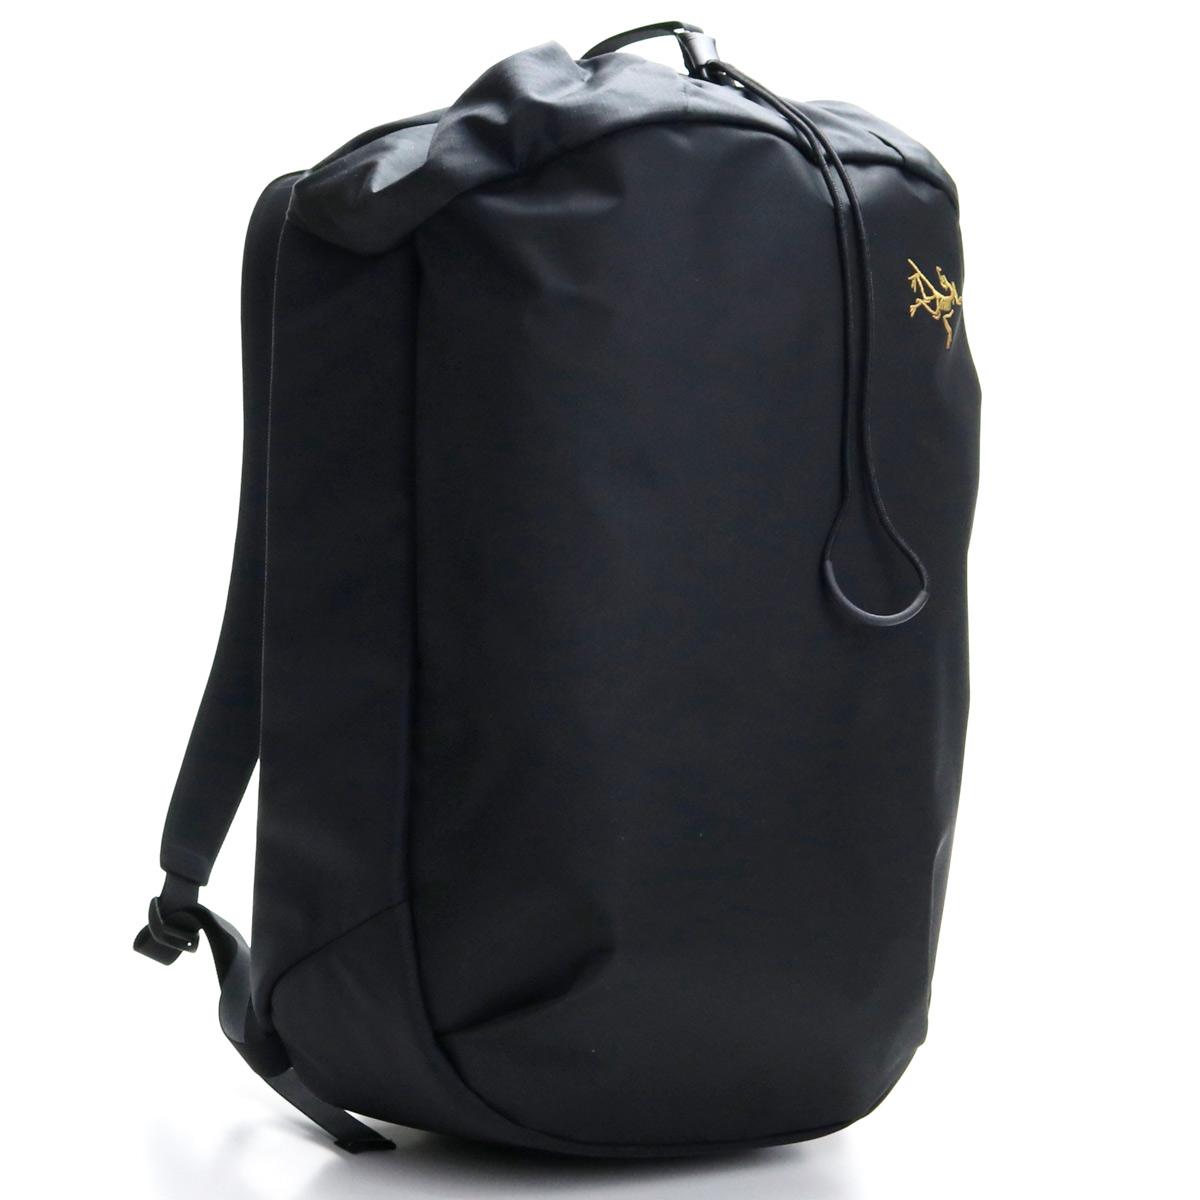 アークテリクス ARCTERYX 24017 アロー20 バケットバッグ リュック バックパック 20L ARRO 20 392325 BUCKET BAG BLK BLACK ブラック メンズ